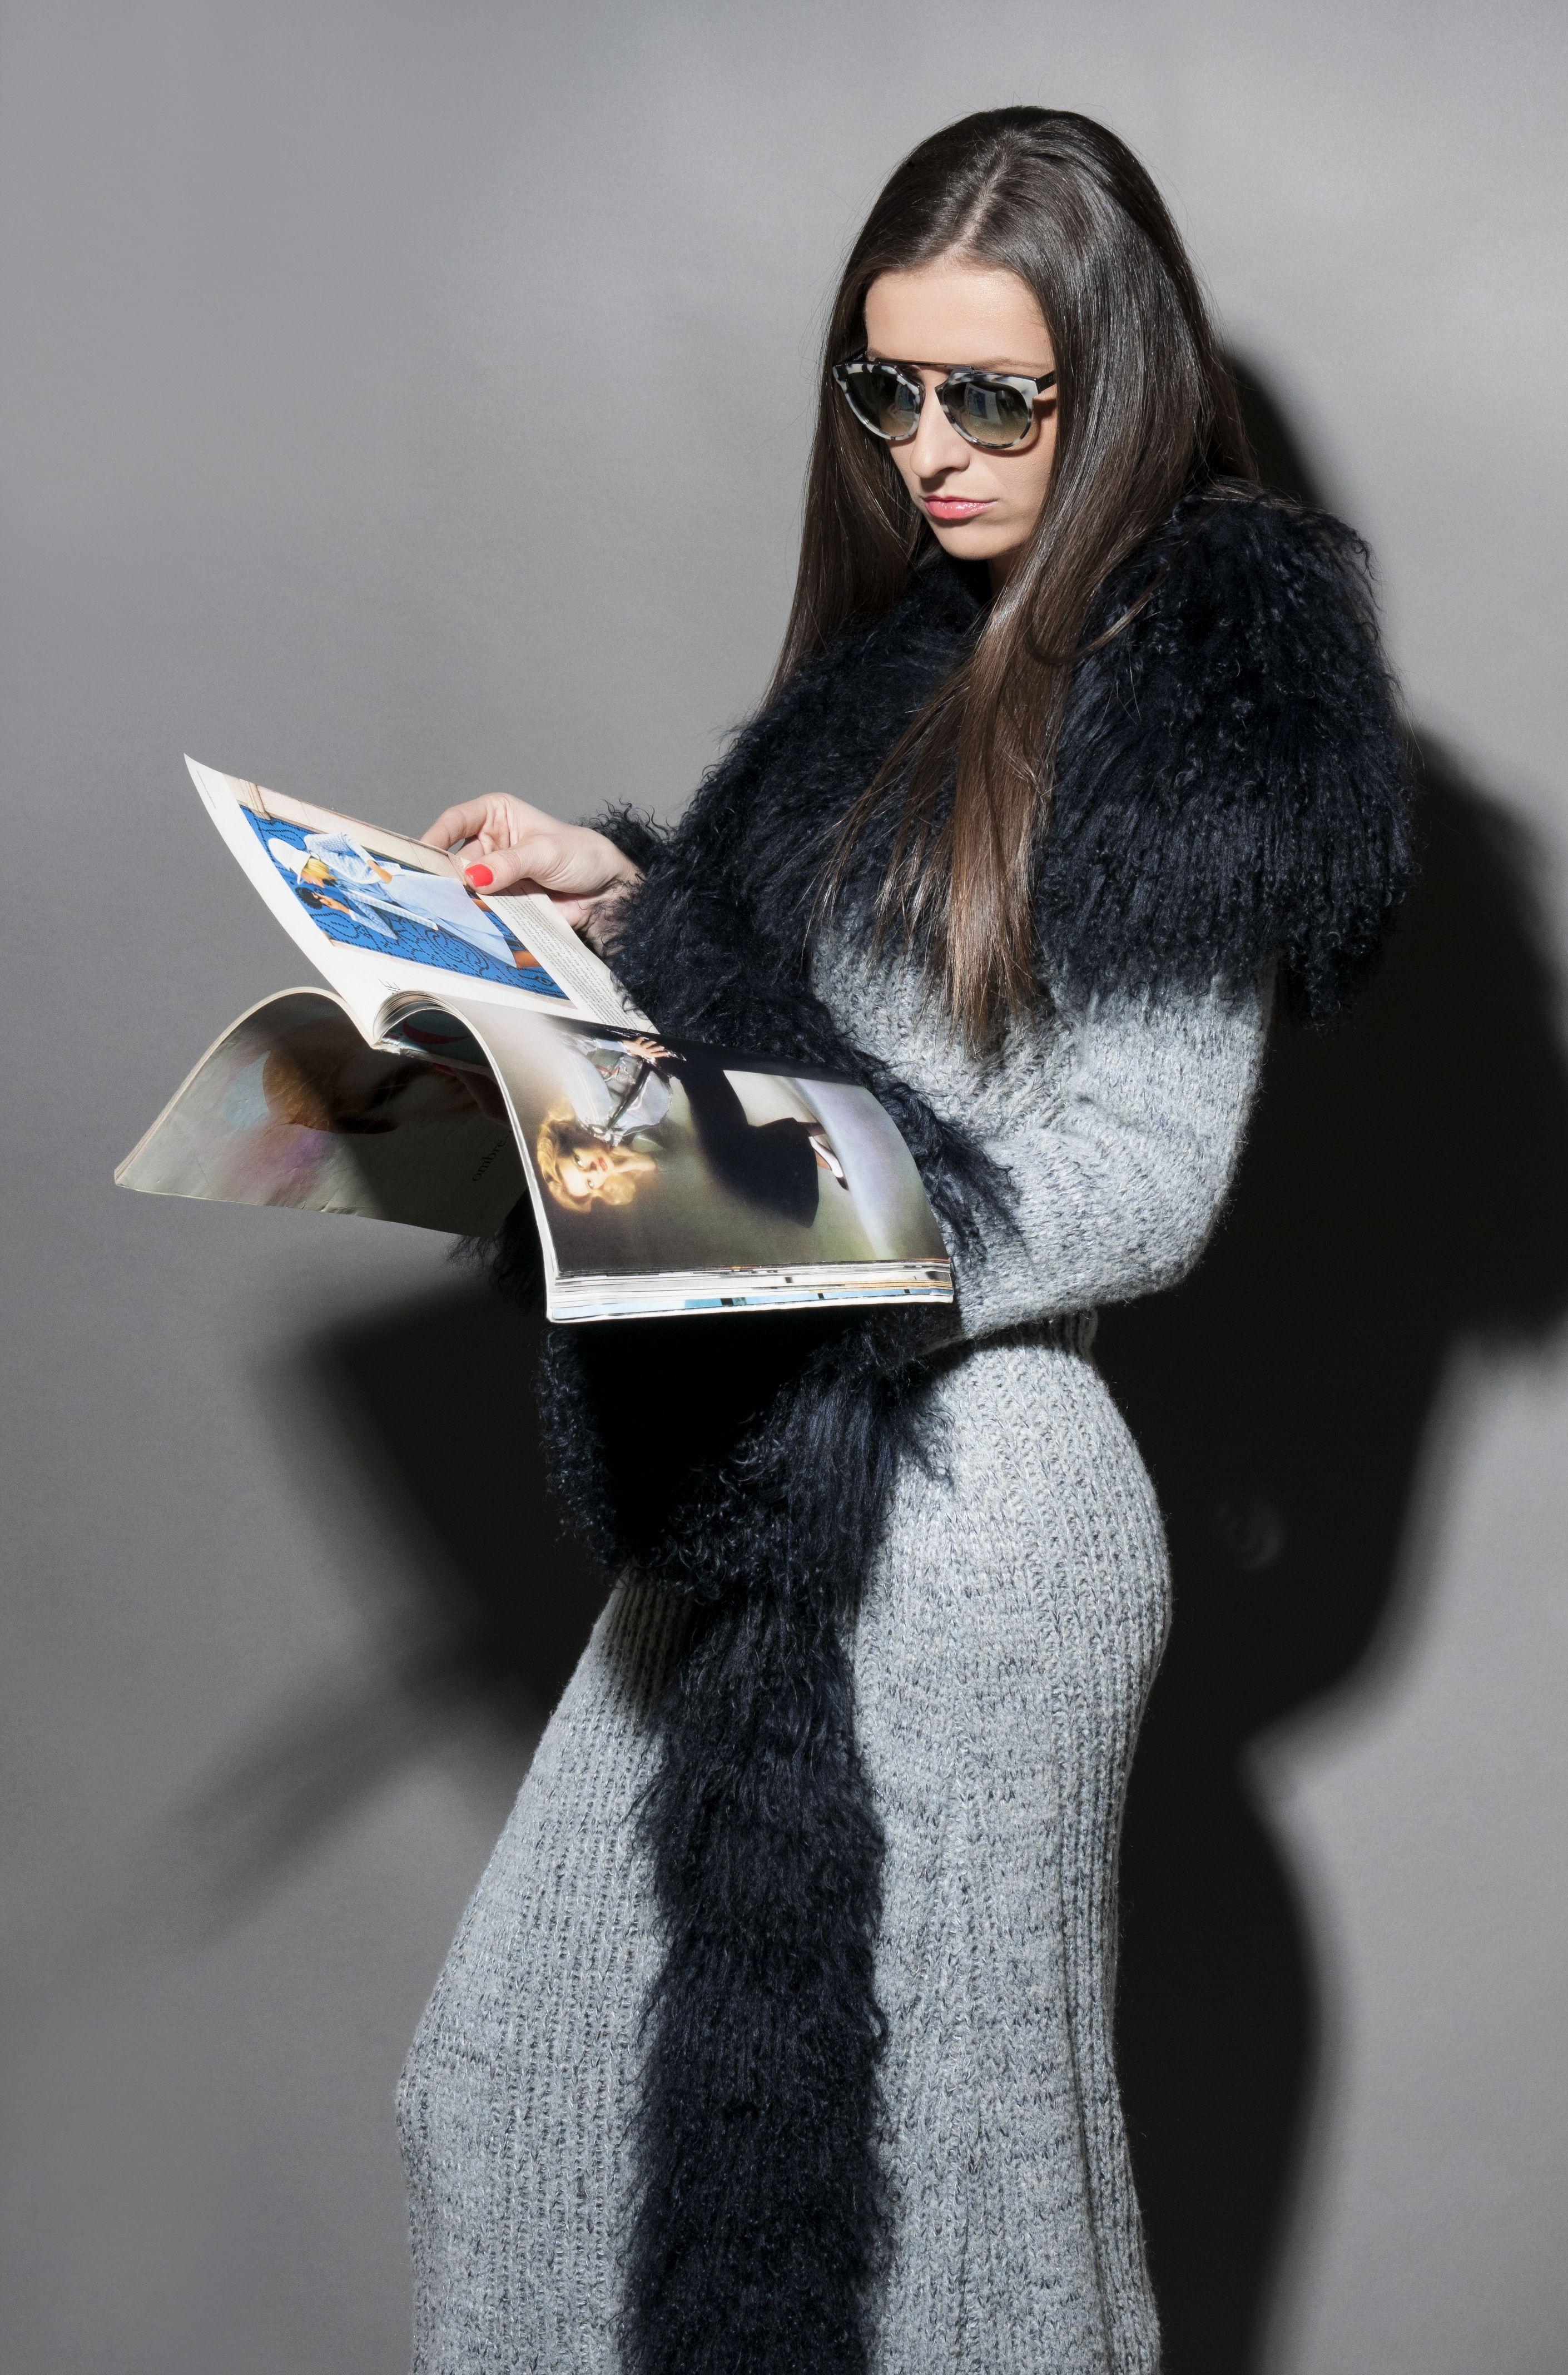 Sediune foto editorial de fashion in studio